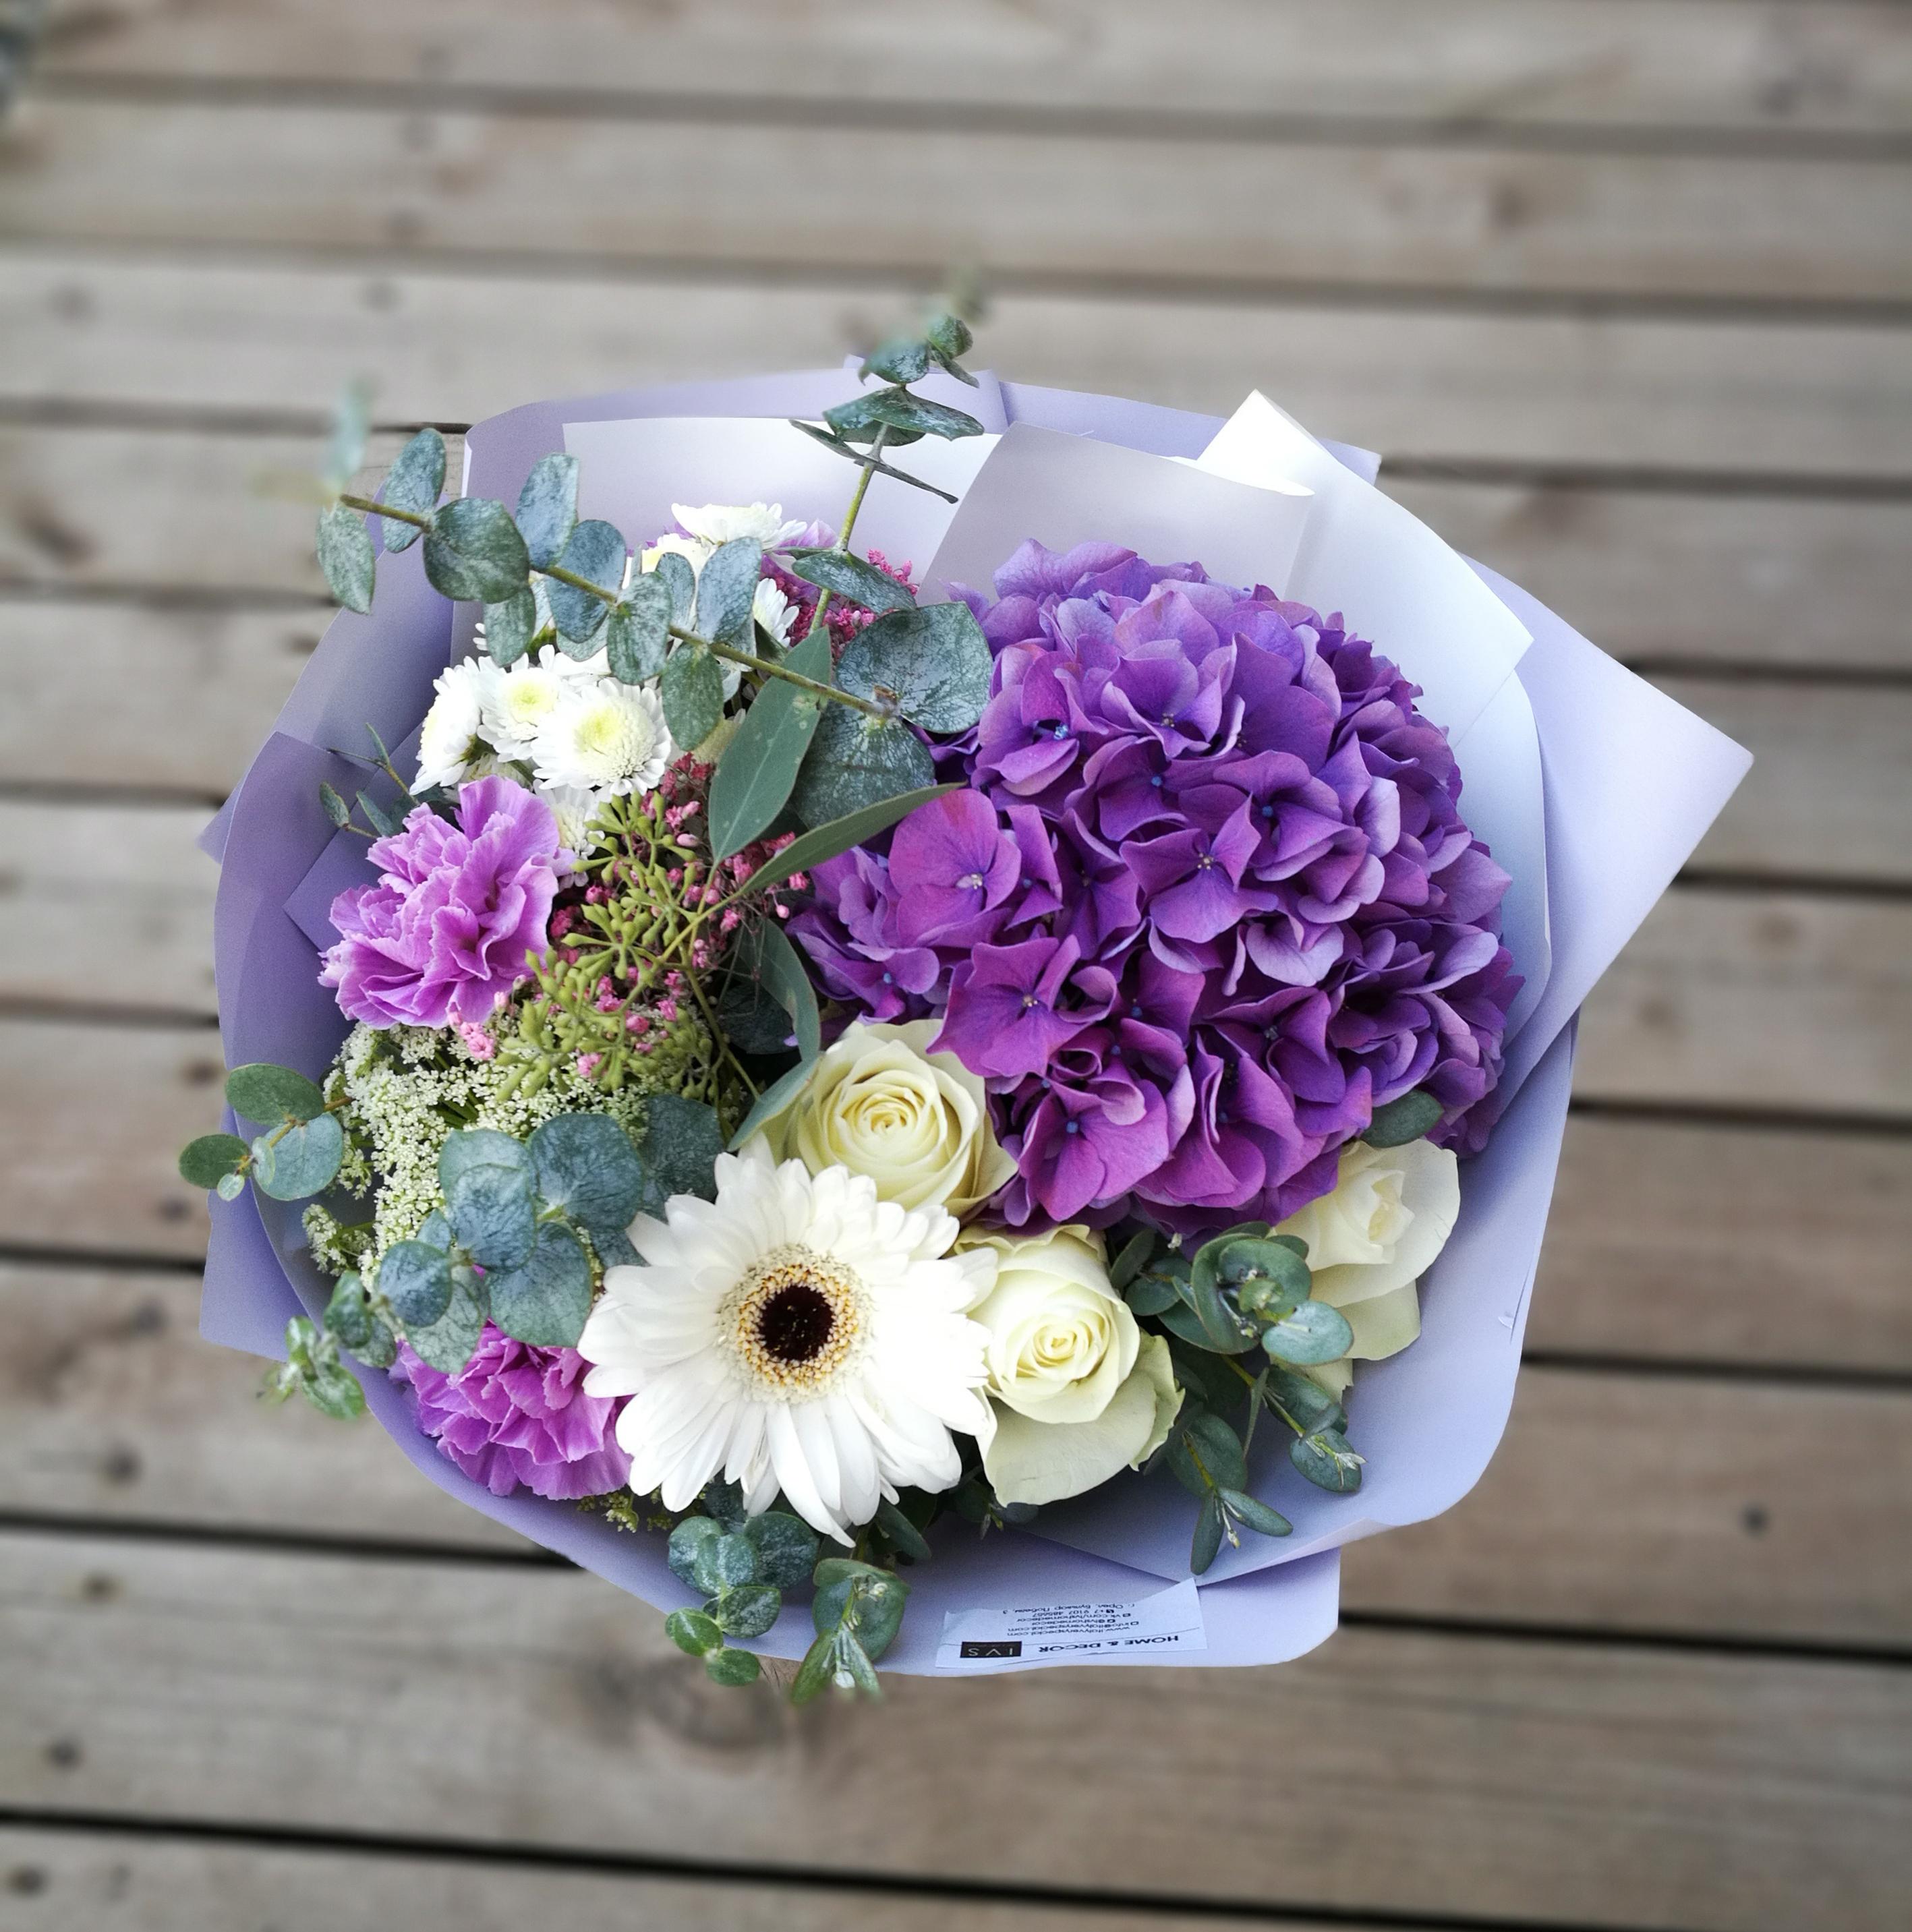 Цветы подарков, заказ цветов на дом в орле